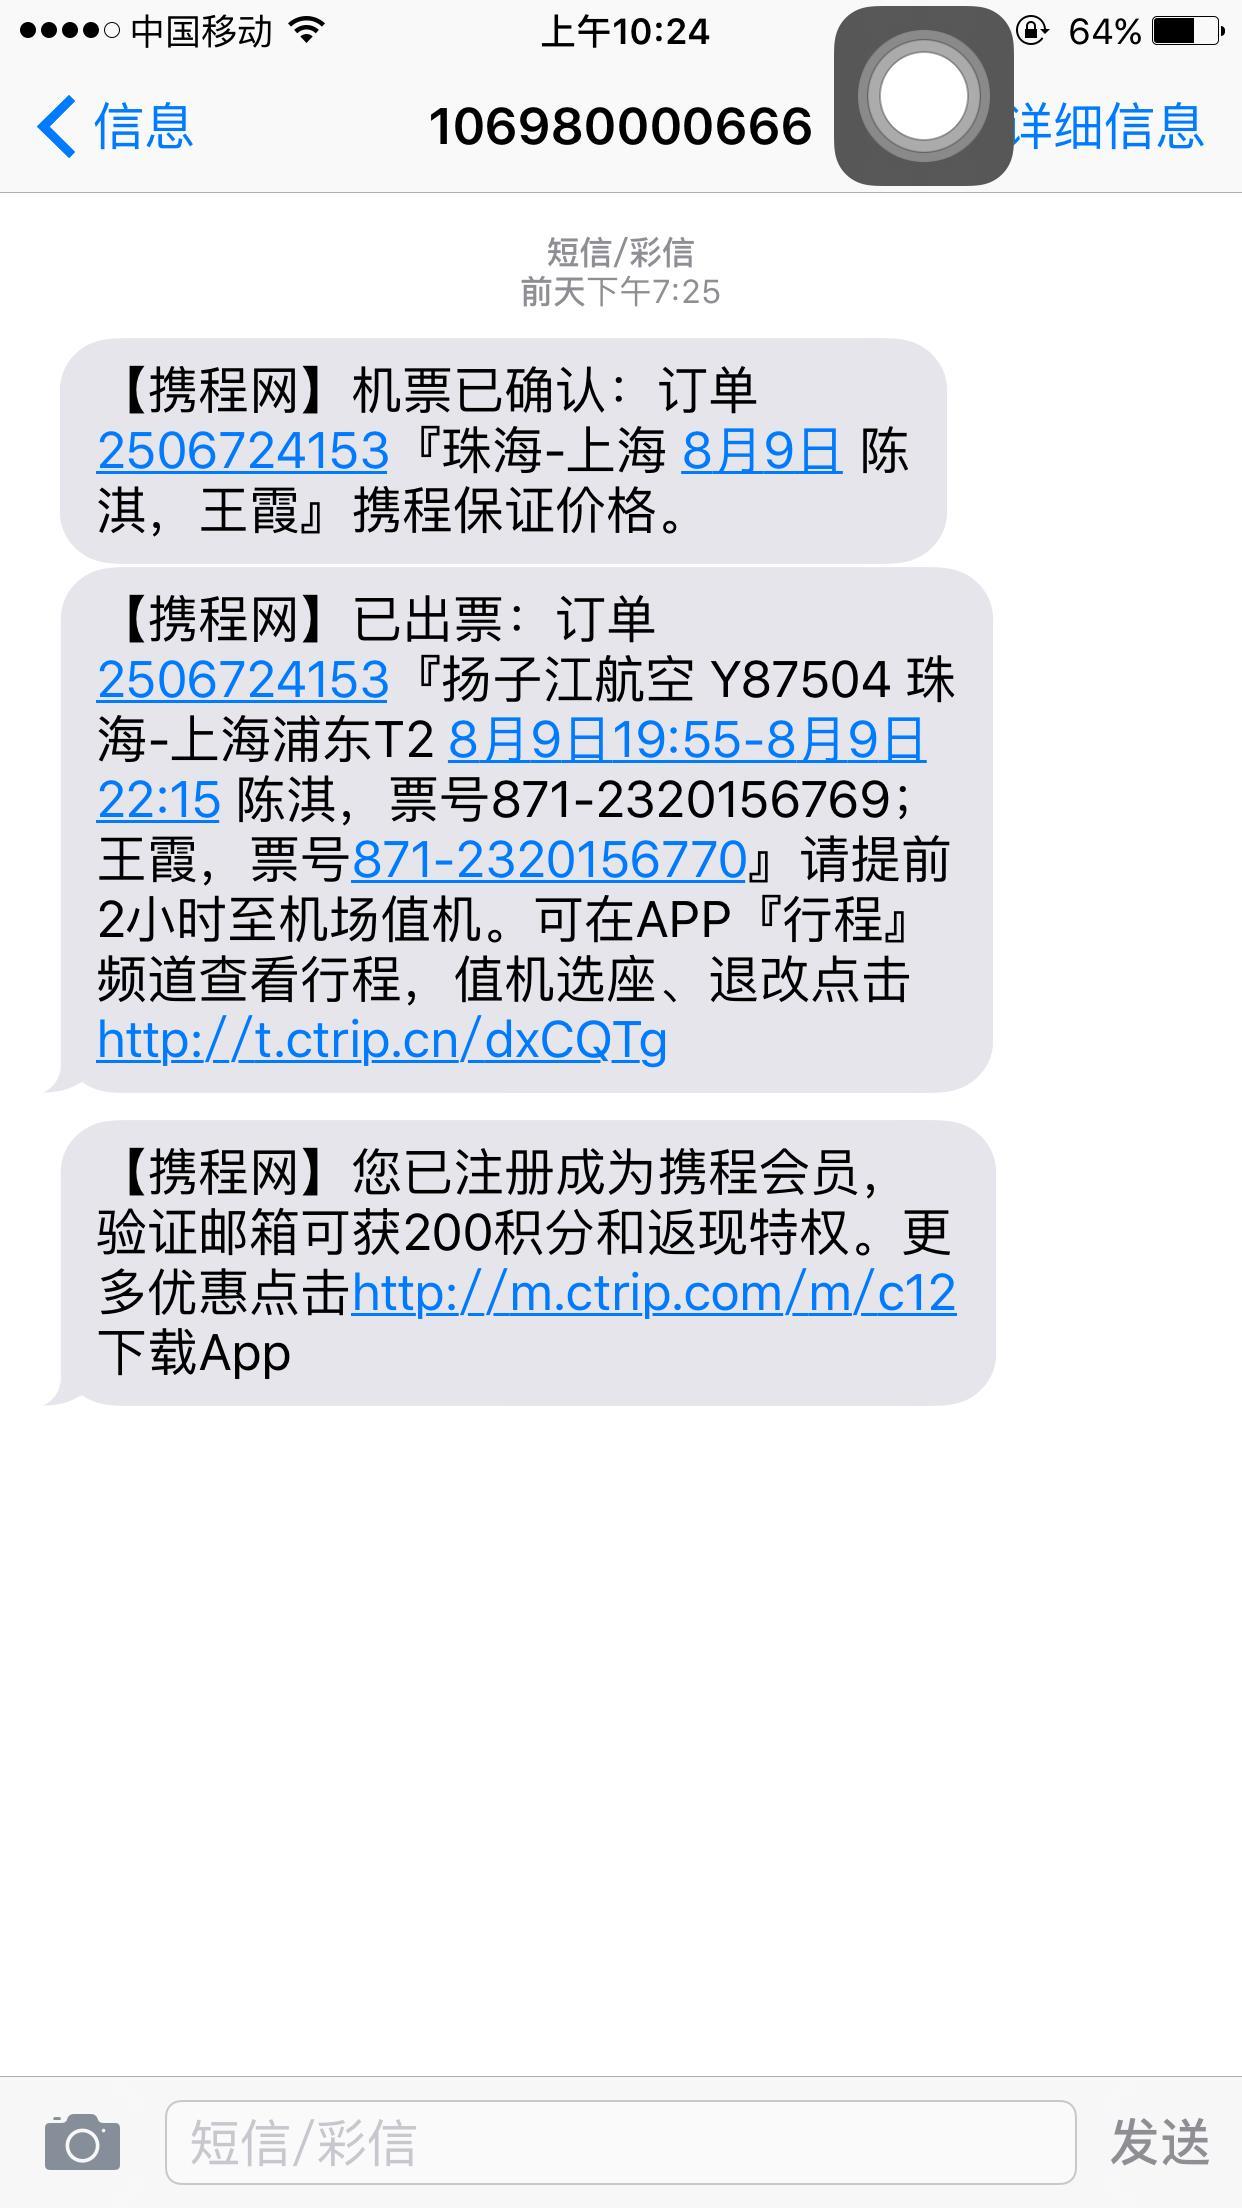 上海机场查询热线:96990 浦东机场 浦东机场位于中国上海市浦东新区的江镇、施湾、祝桥滨海地带,距市中心约30公里。浦东国际机场分T1、T2两个航站楼,两个航站楼间有免费交通接驳车来往。 机场交通 旅行者可以乘坐轨道交通2号线、磁悬浮列车、近10条机场大巴路线或者出租车往返于浦东机场和市区之间。 磁悬浮:磁悬浮列车开往龙阳路站,可以换乘地铁2号线、7号线、16号线,车程约8分钟,单程票价在50-100元不等,官网:http://www.